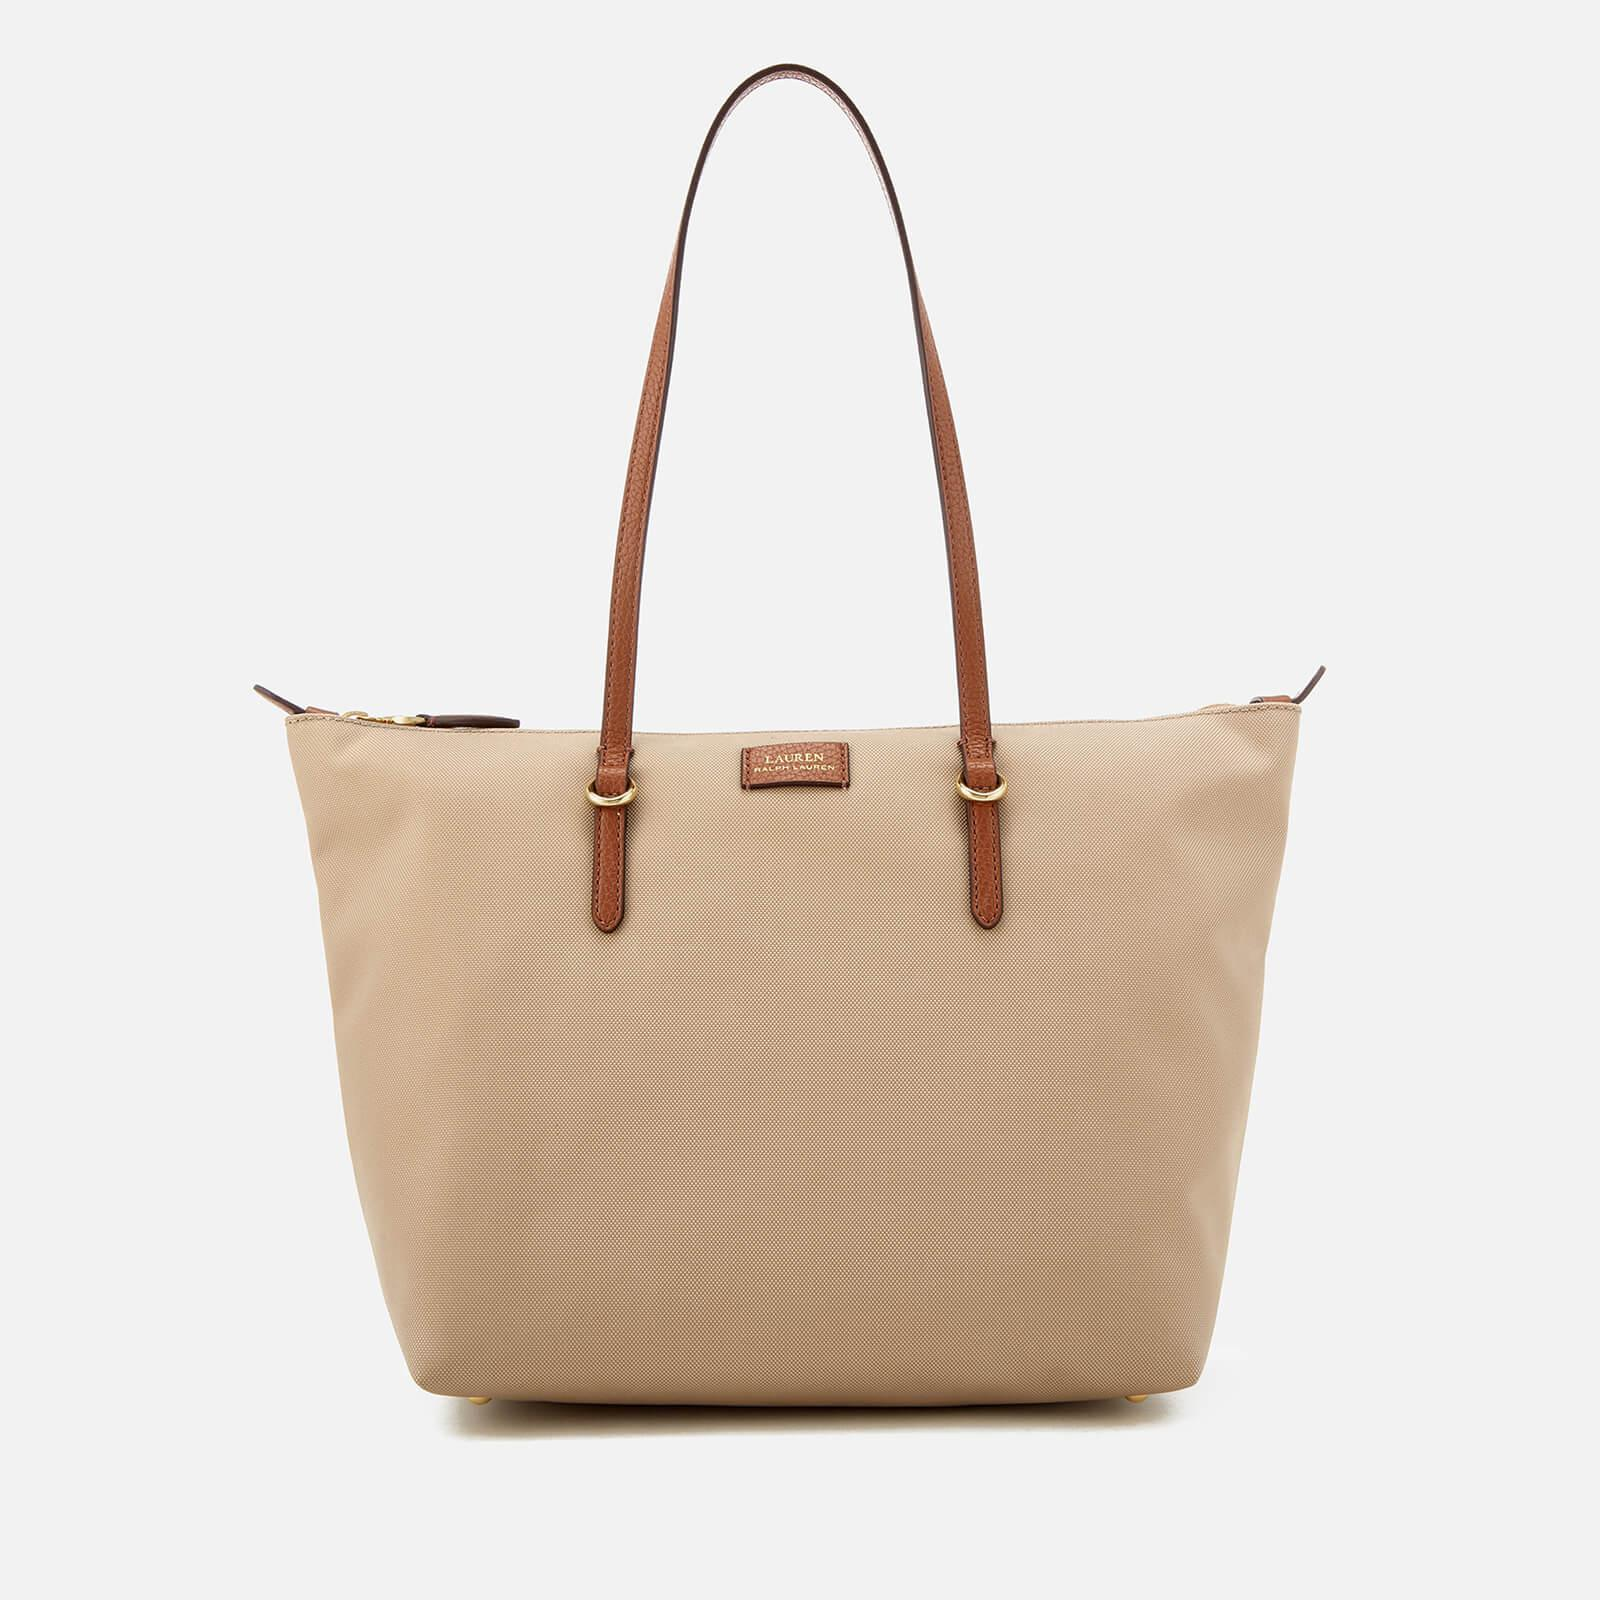 f7416cd5f404e Lauren by Ralph Lauren Chadwick Shopper Bag in Natural - Lyst